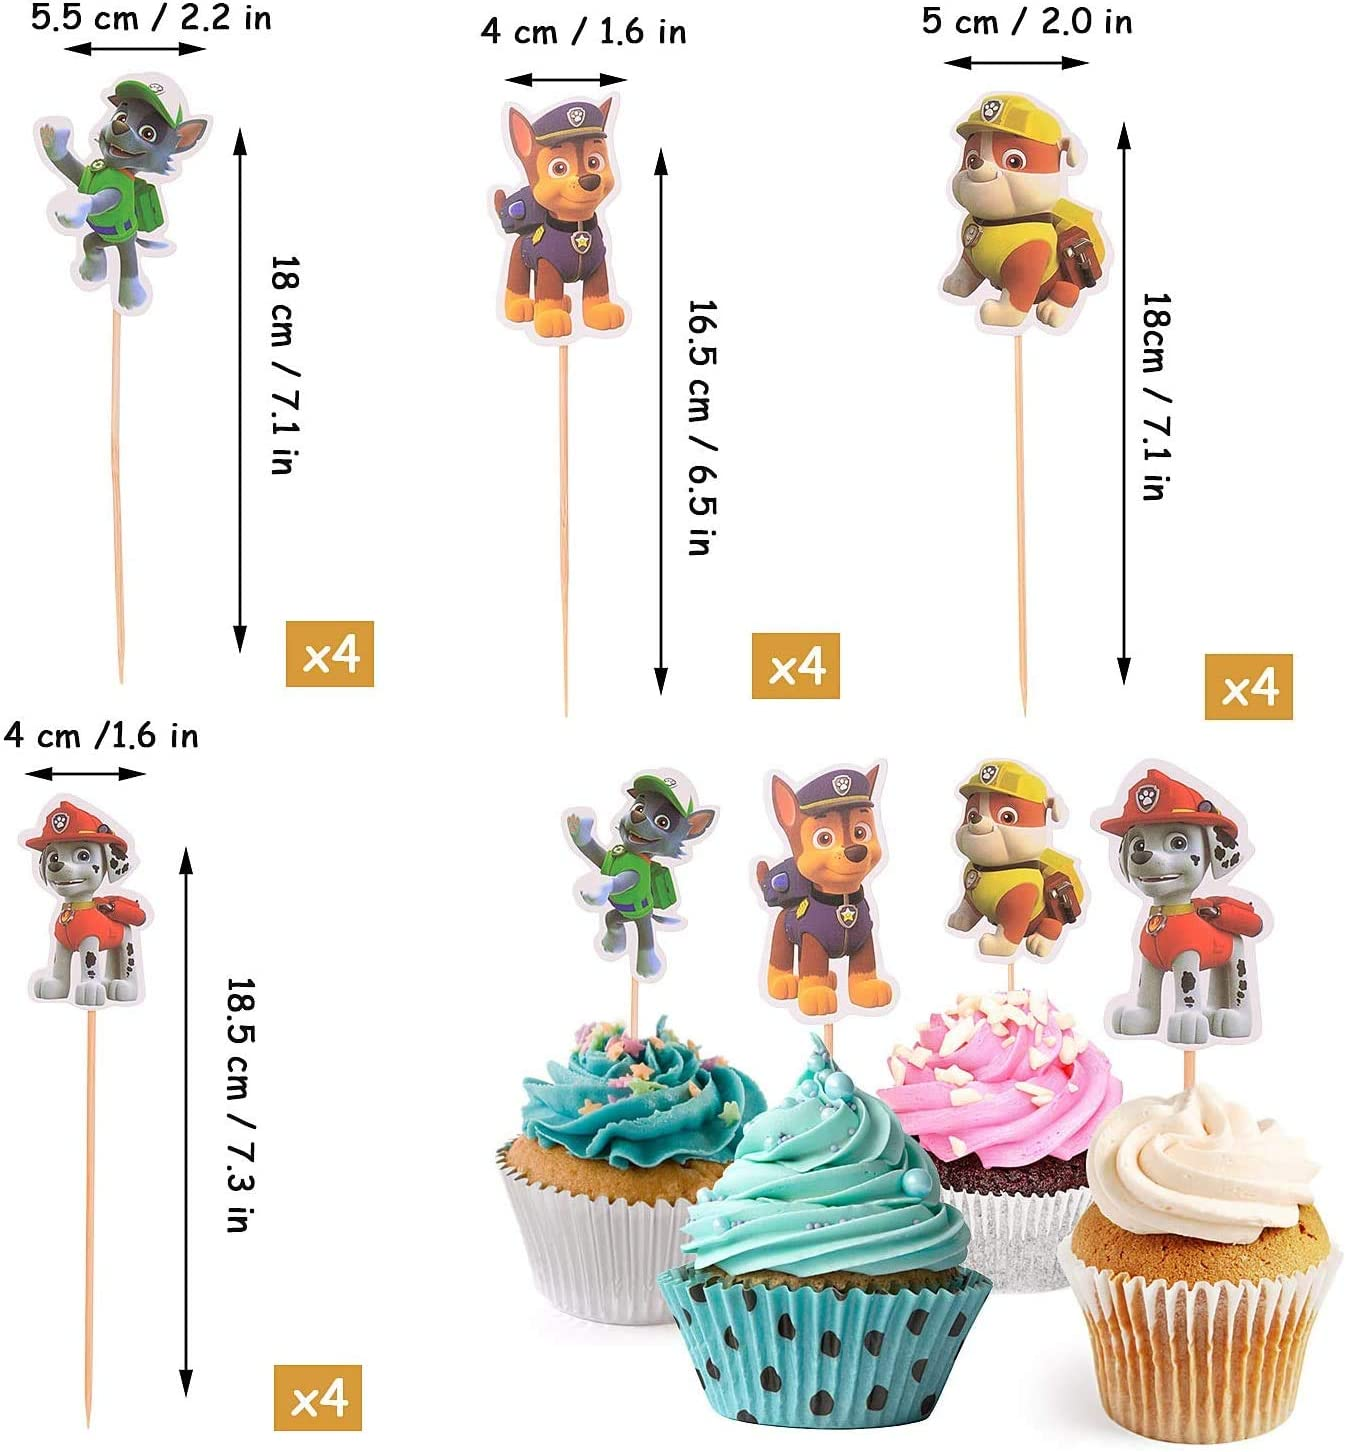 Topper de Tarta Decoraci/ón para Pasteles JIALING 36 Piezas Cupcake Toppers Decoraci/ón para Cupcakes Fiesta de Cumplea/ños DIY Decoraci/ón Suministros de la Fiesta de Cumplea/ños de los Ni/ños